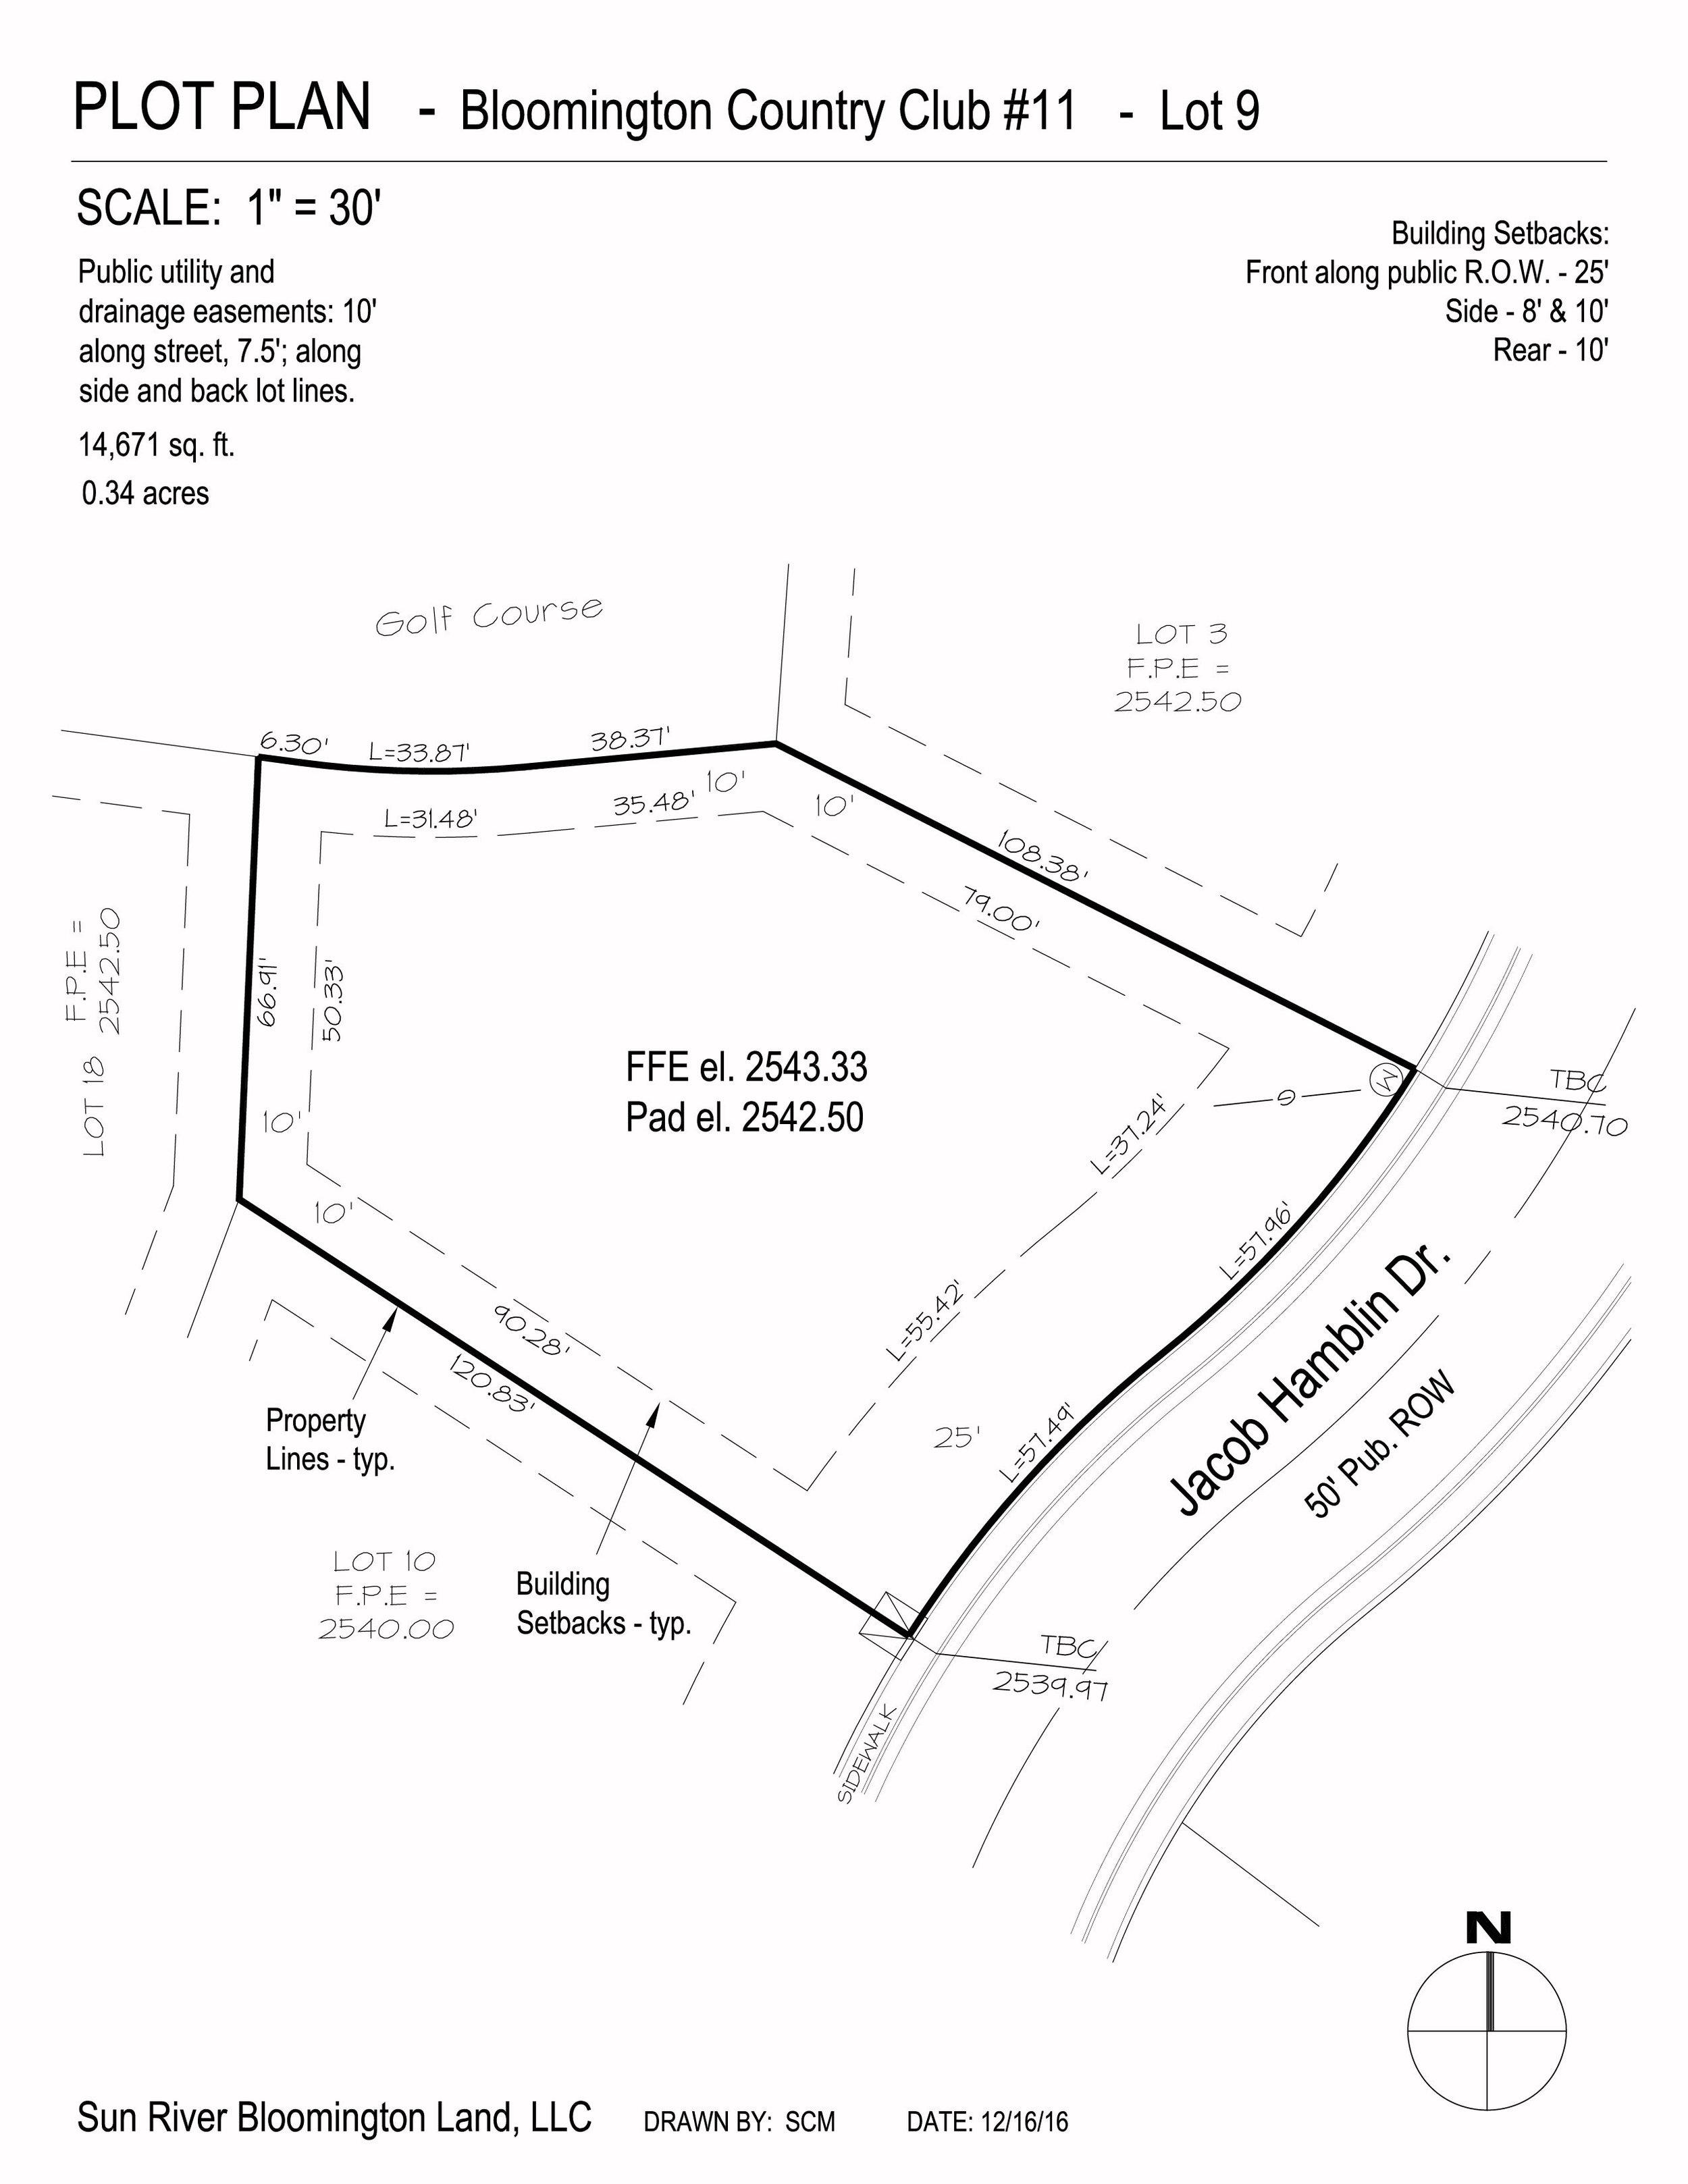 hamblin plot plans-09.jpg